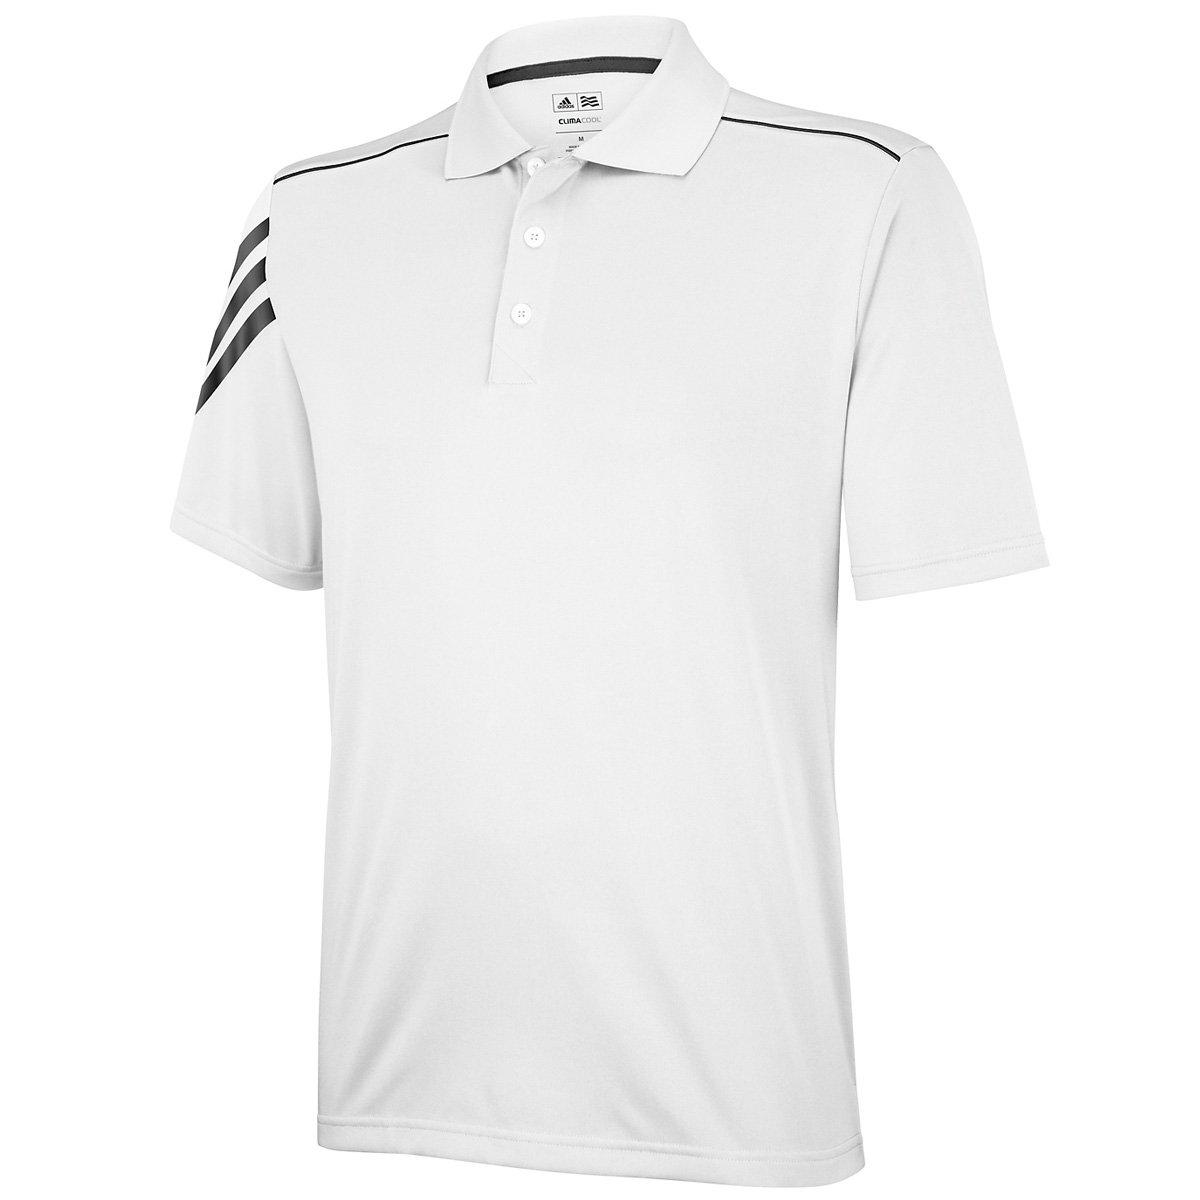 adidas 3-Stripes Climacool Golf Polo Camiseta de, Color Blanco ...